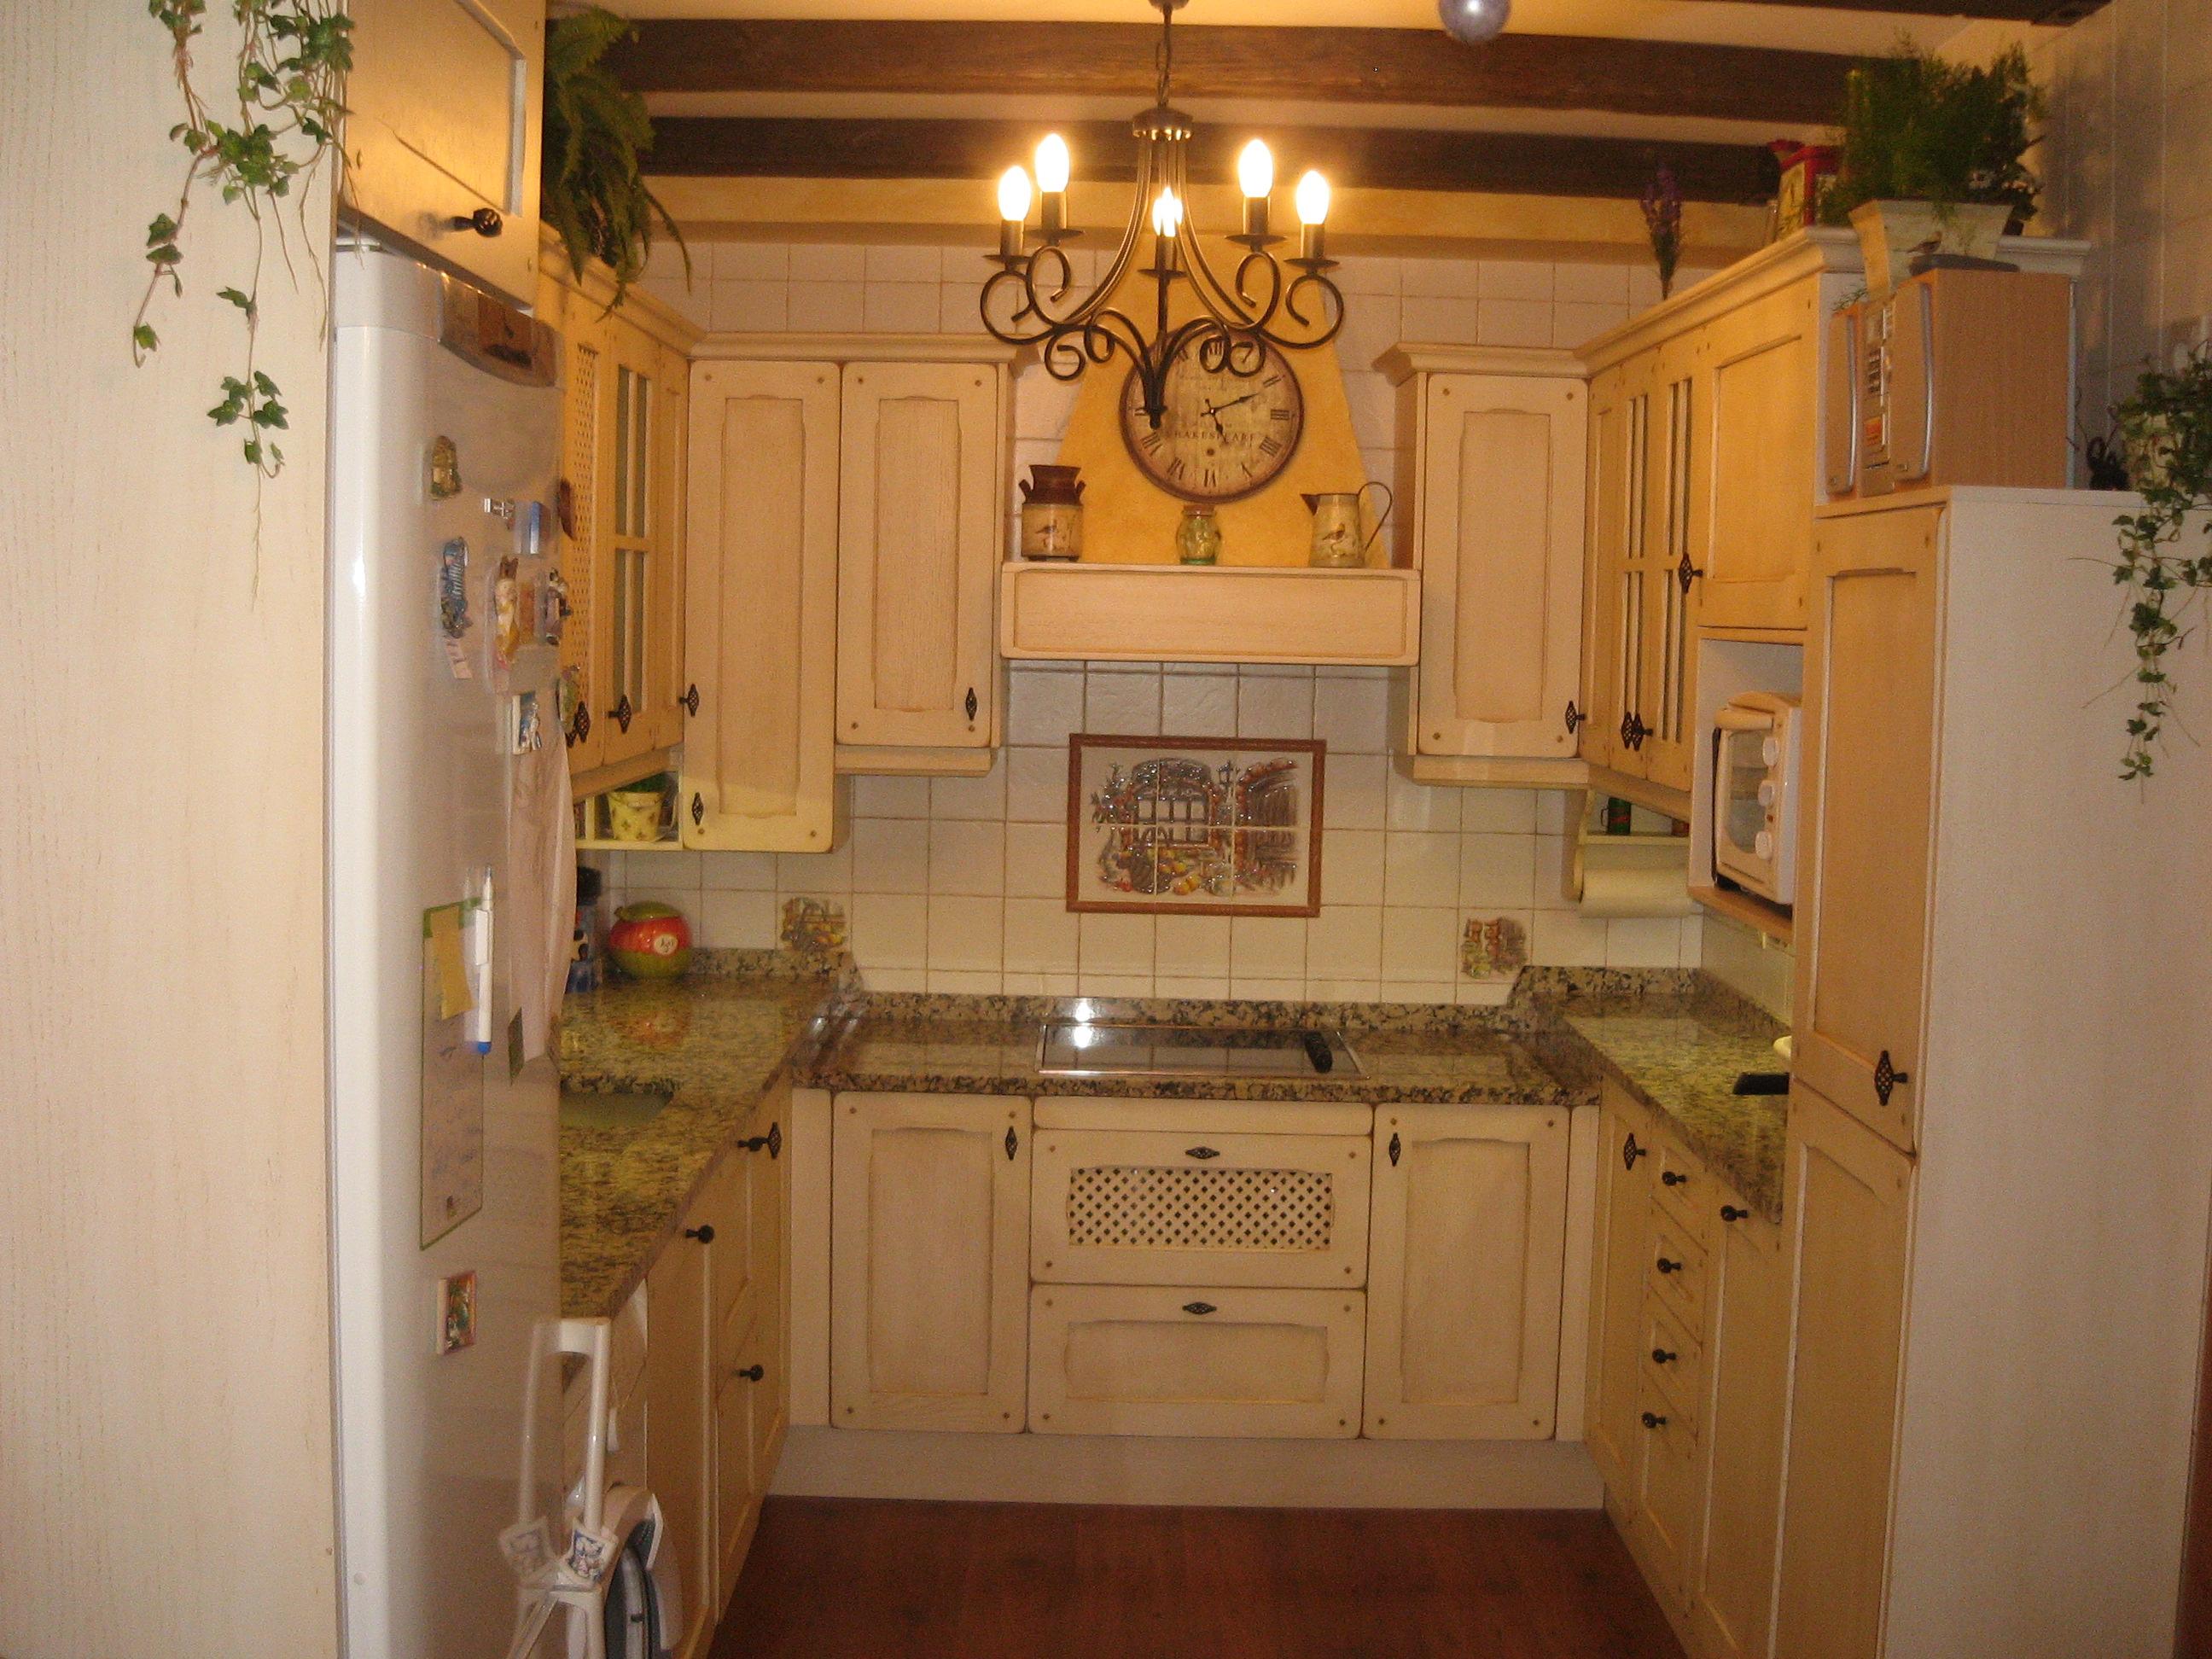 Cocinas tablas maderas y decoraci n en majadahonda for Decoracion de cocinas con muebles de madera